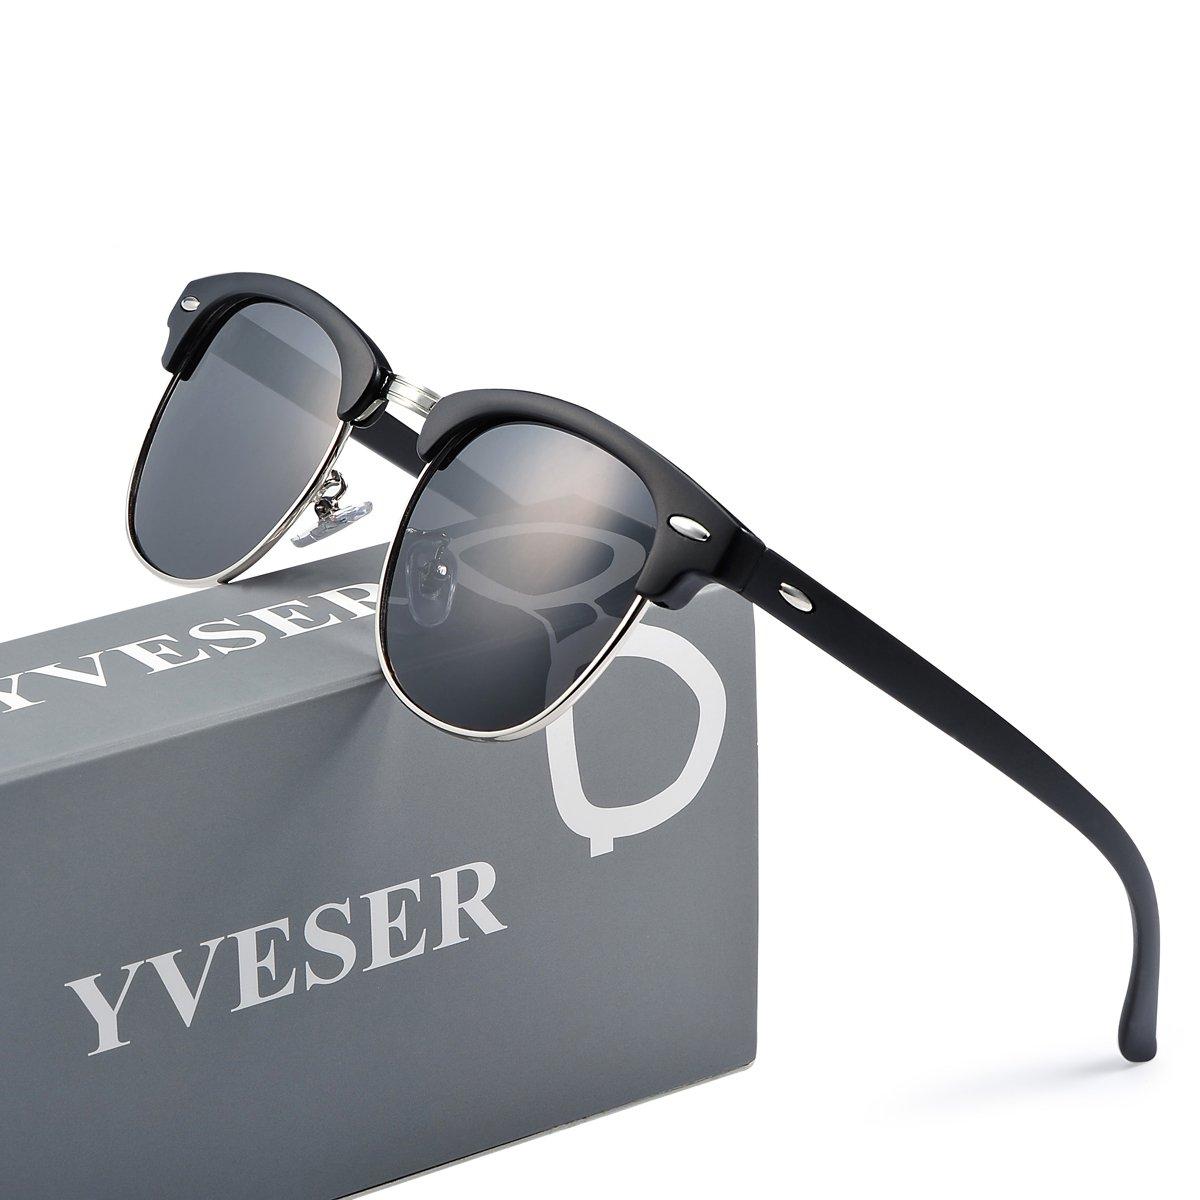 a08dee3b6858 Yveser Polarised Sunglasses for Mens and Womens Yv5156 (Black Lens Black  Matte Frame)  Amazon.co.uk  Clothing